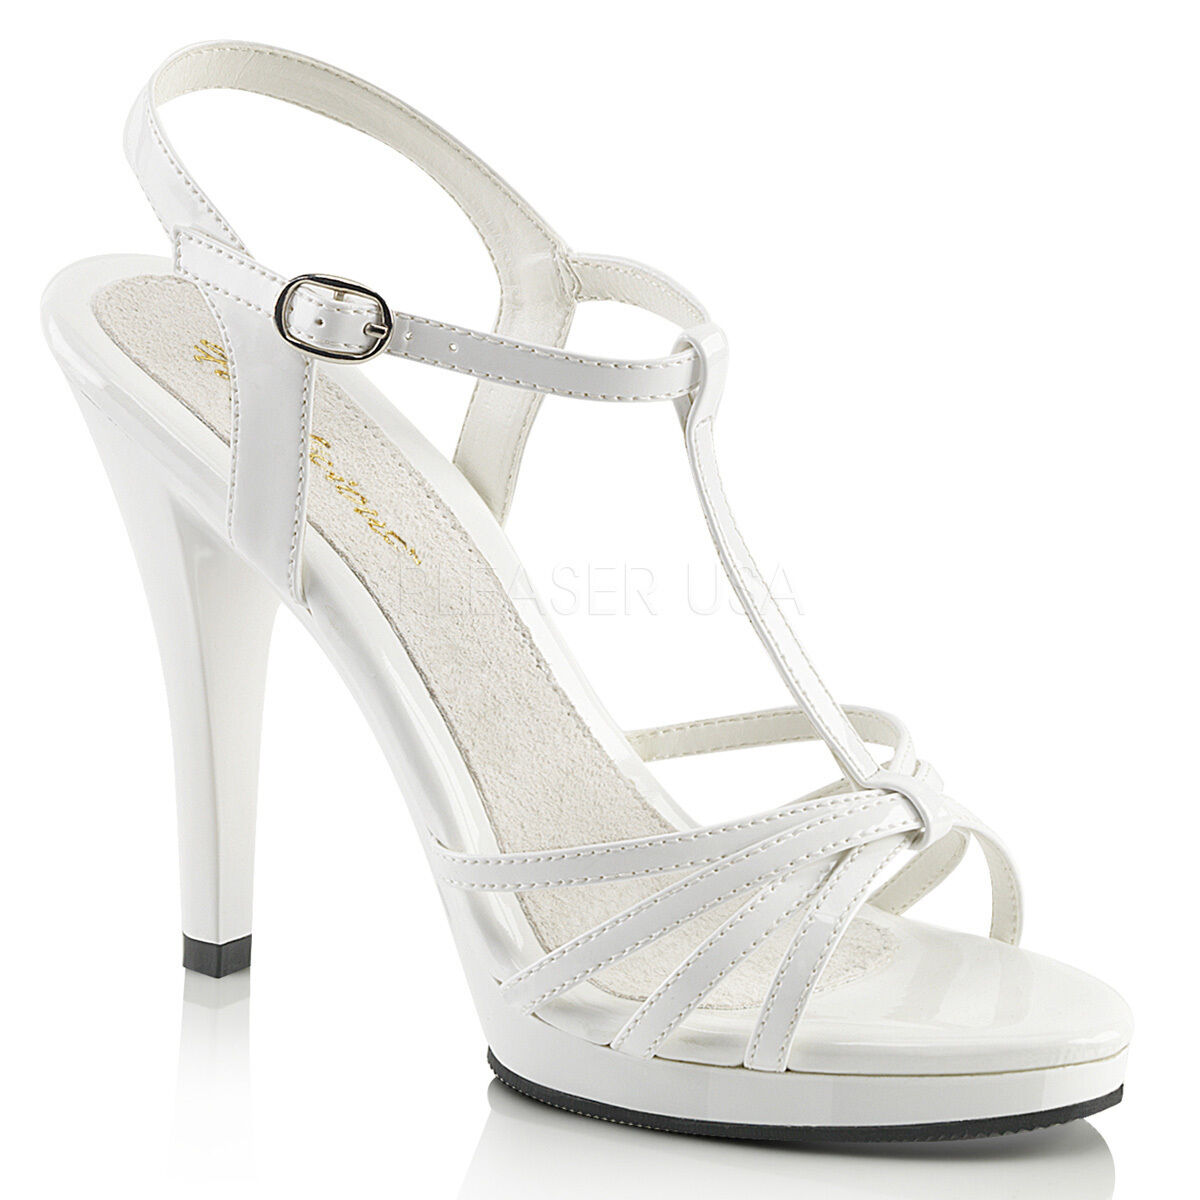 marchi di stilisti economici Flair Flair Flair - 420 favolosa donna Tacco alto Sandali Bianco Vernice Taglie Forti 35-46  promozioni